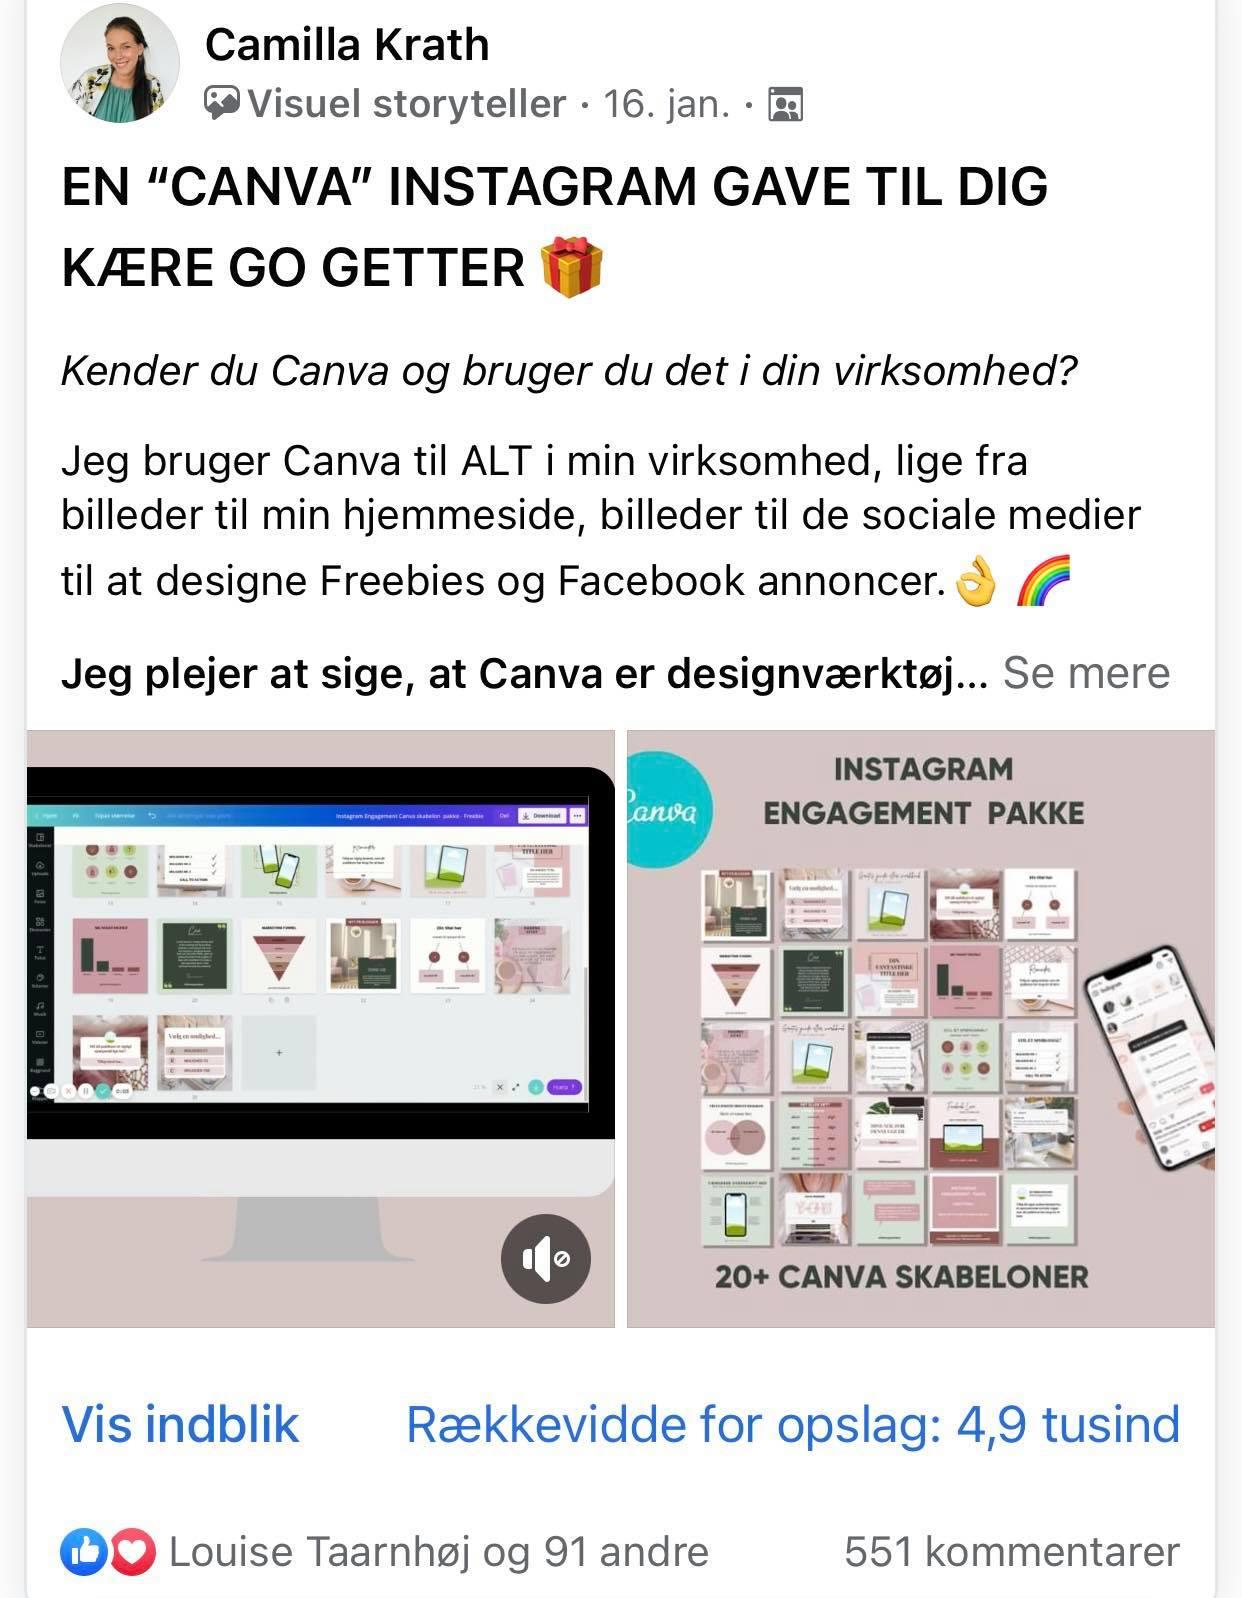 Camilla Krath - Female Go-getter iværksætter